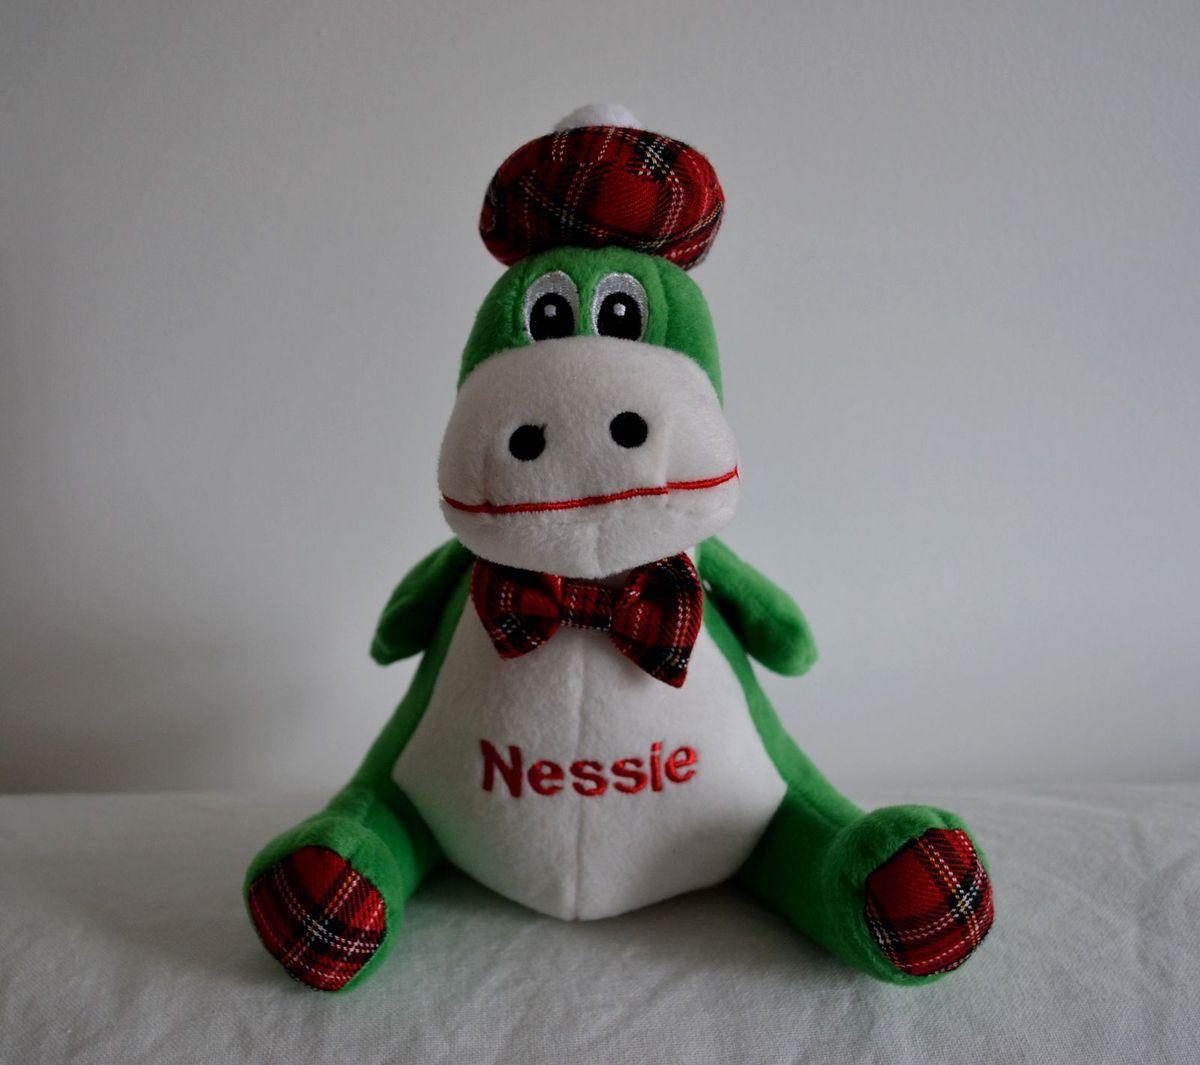 Voilà quelqu'un qui voulait vous faire un petit coucou!!! Hi Nessie!